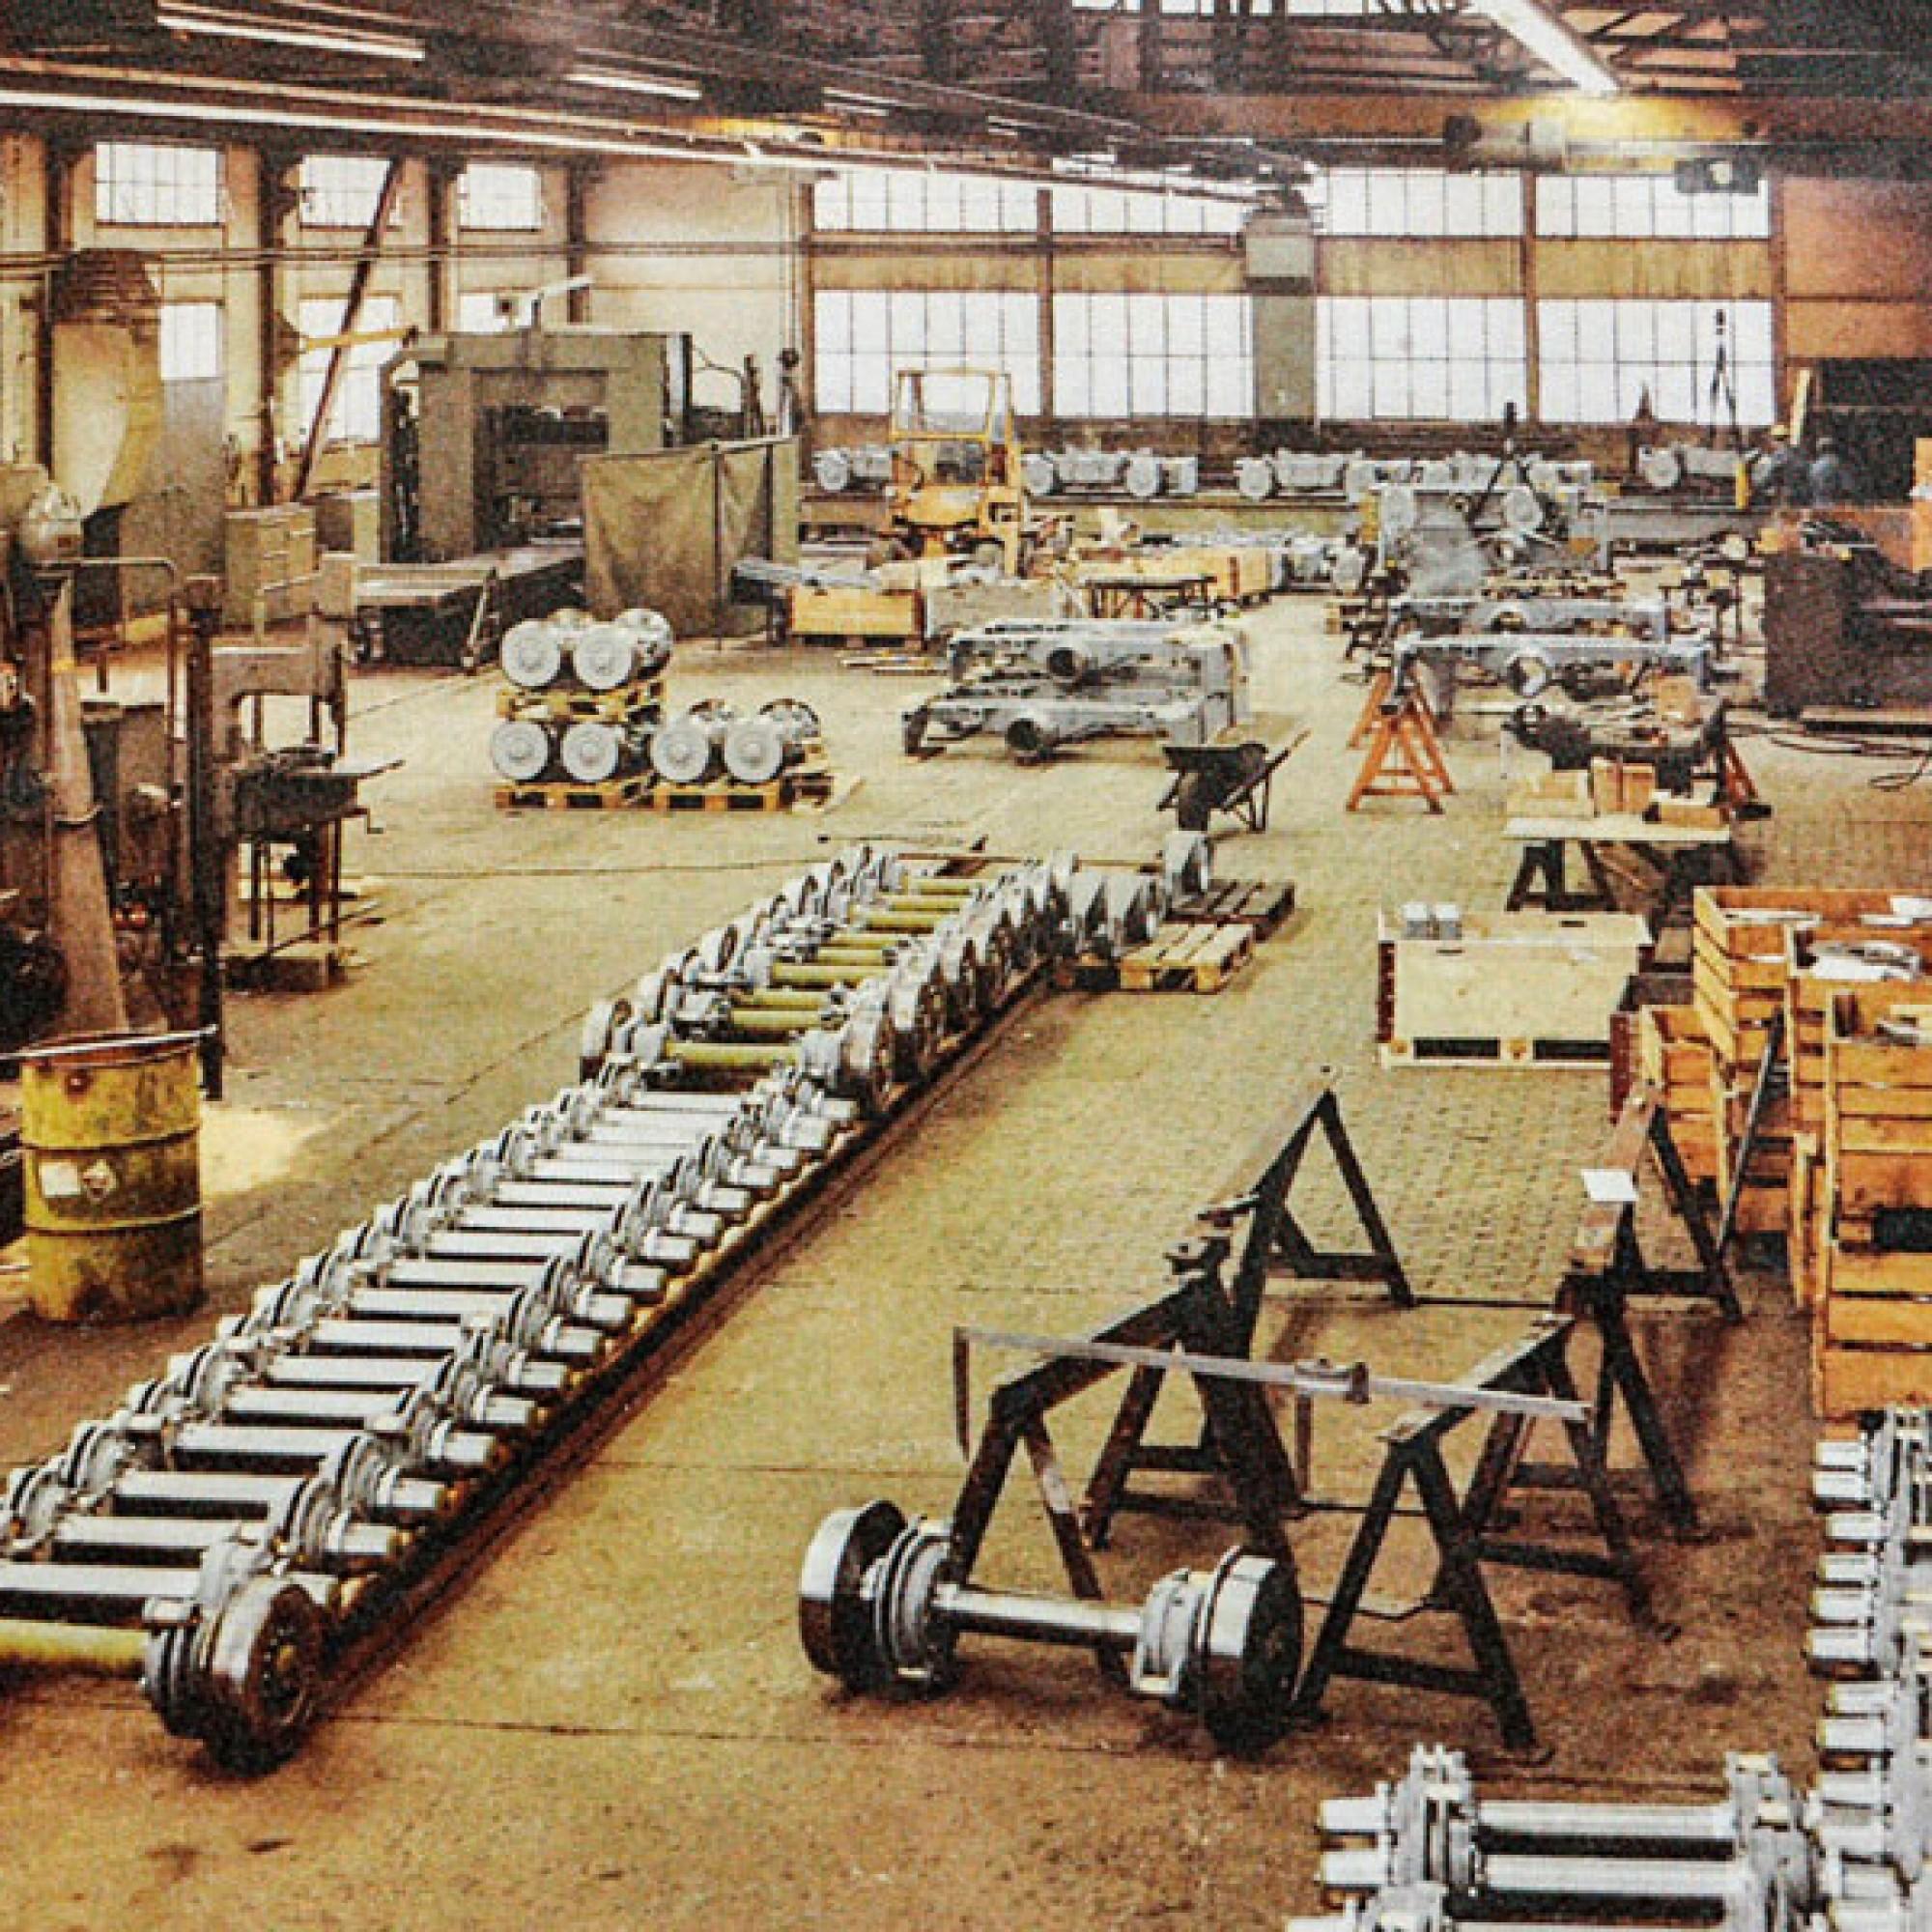 Ein Foto aus den 1970er Jahren, als die Produktion von Eisenbahnwagen noch auf Hochtouren lief.